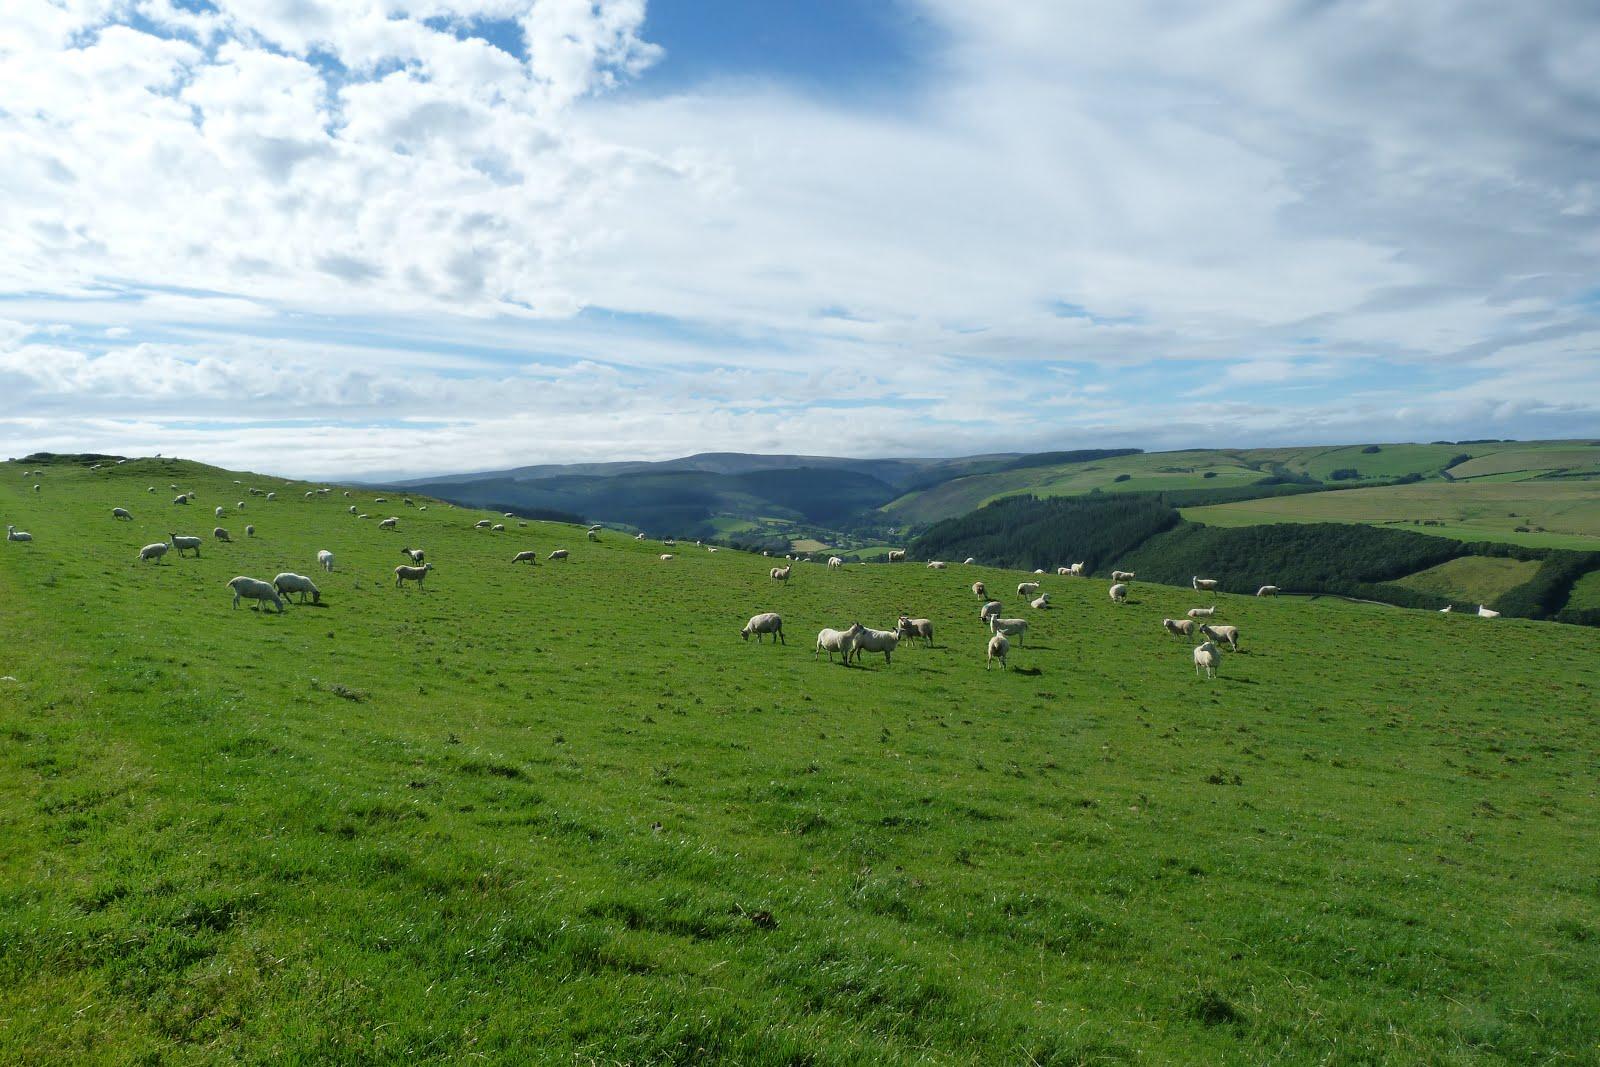 Pays de Galles (Wales)